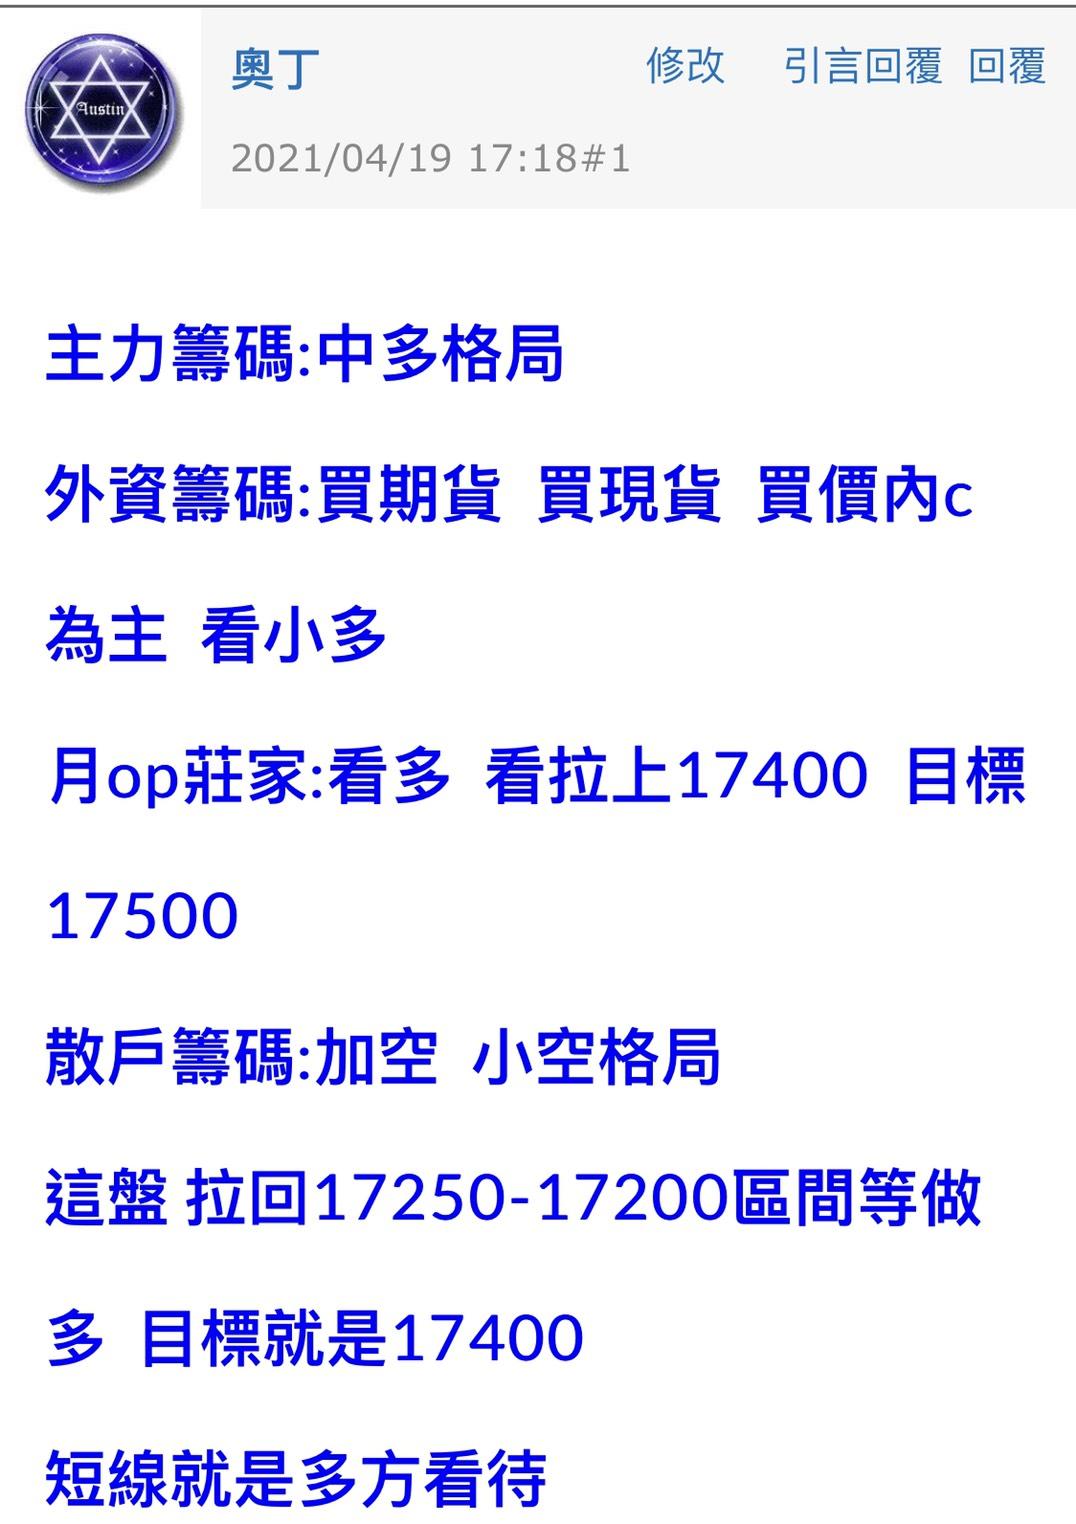 4月26日~~~奧丁期貨~~~台北當沖即時研討會!!!